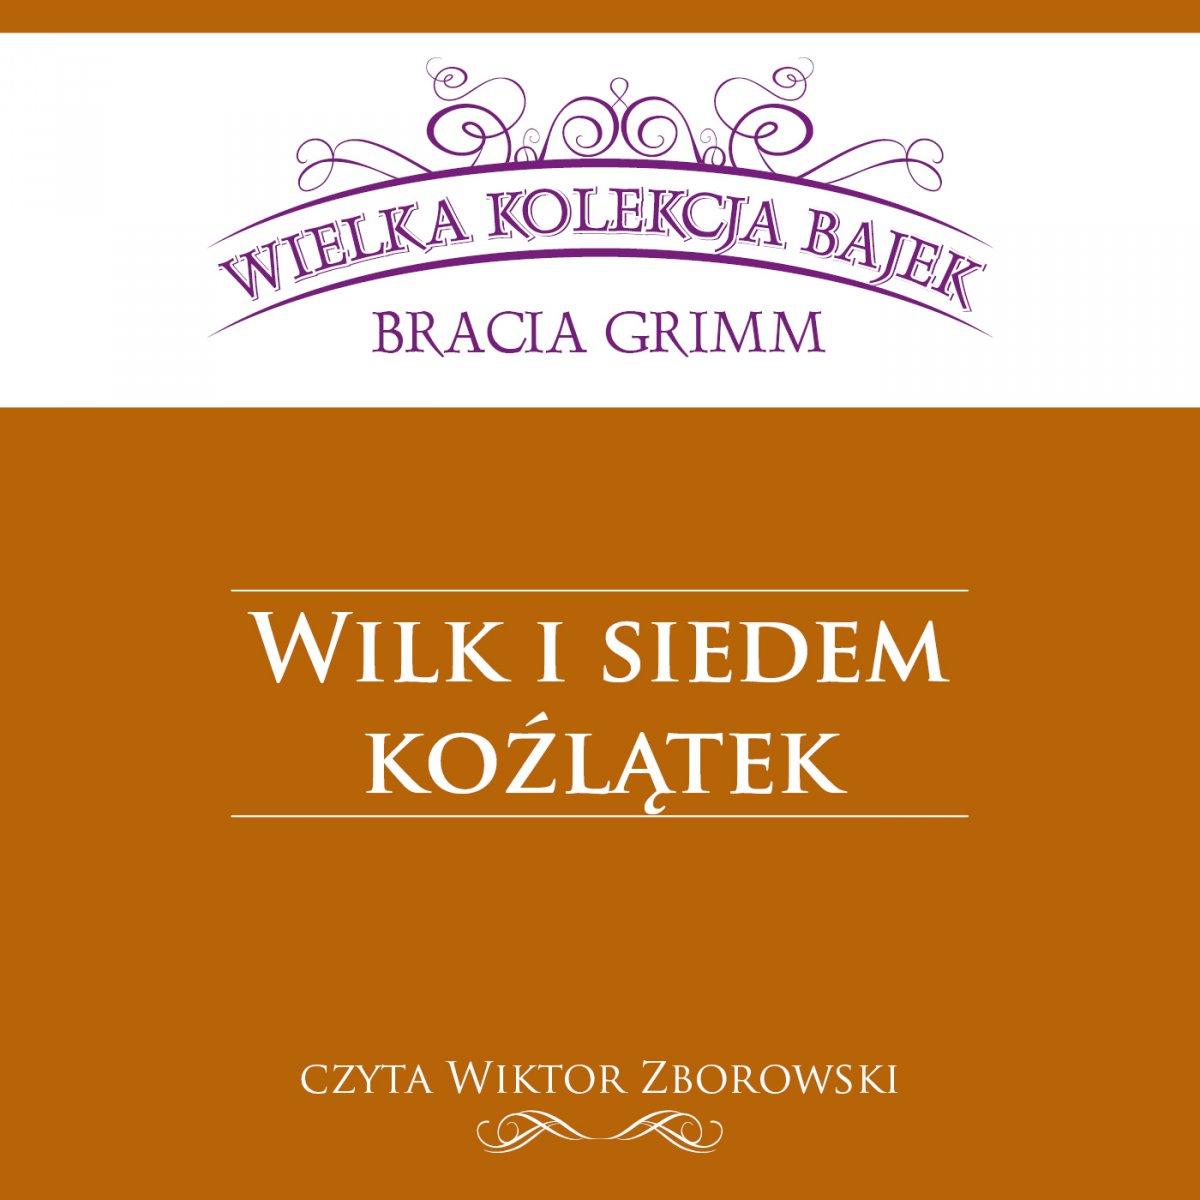 Wilk i siedem koźlątek (Wielka Kolekcja Bajek) - Audiobook (Książka audio MP3) do pobrania w całości w archiwum ZIP